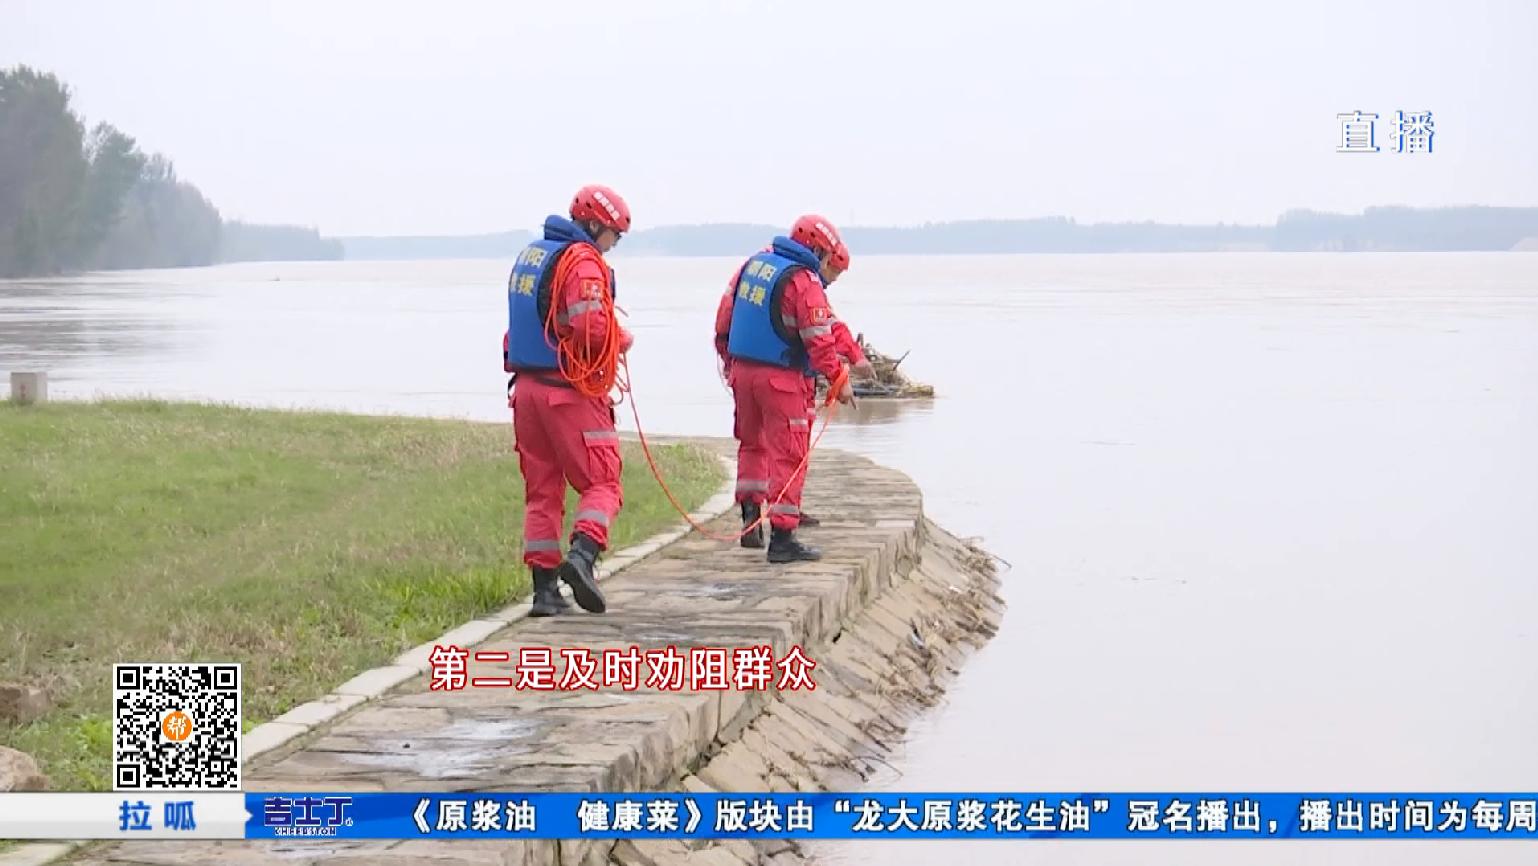 黄河三号洪峰过境济南平阴18小时全记录